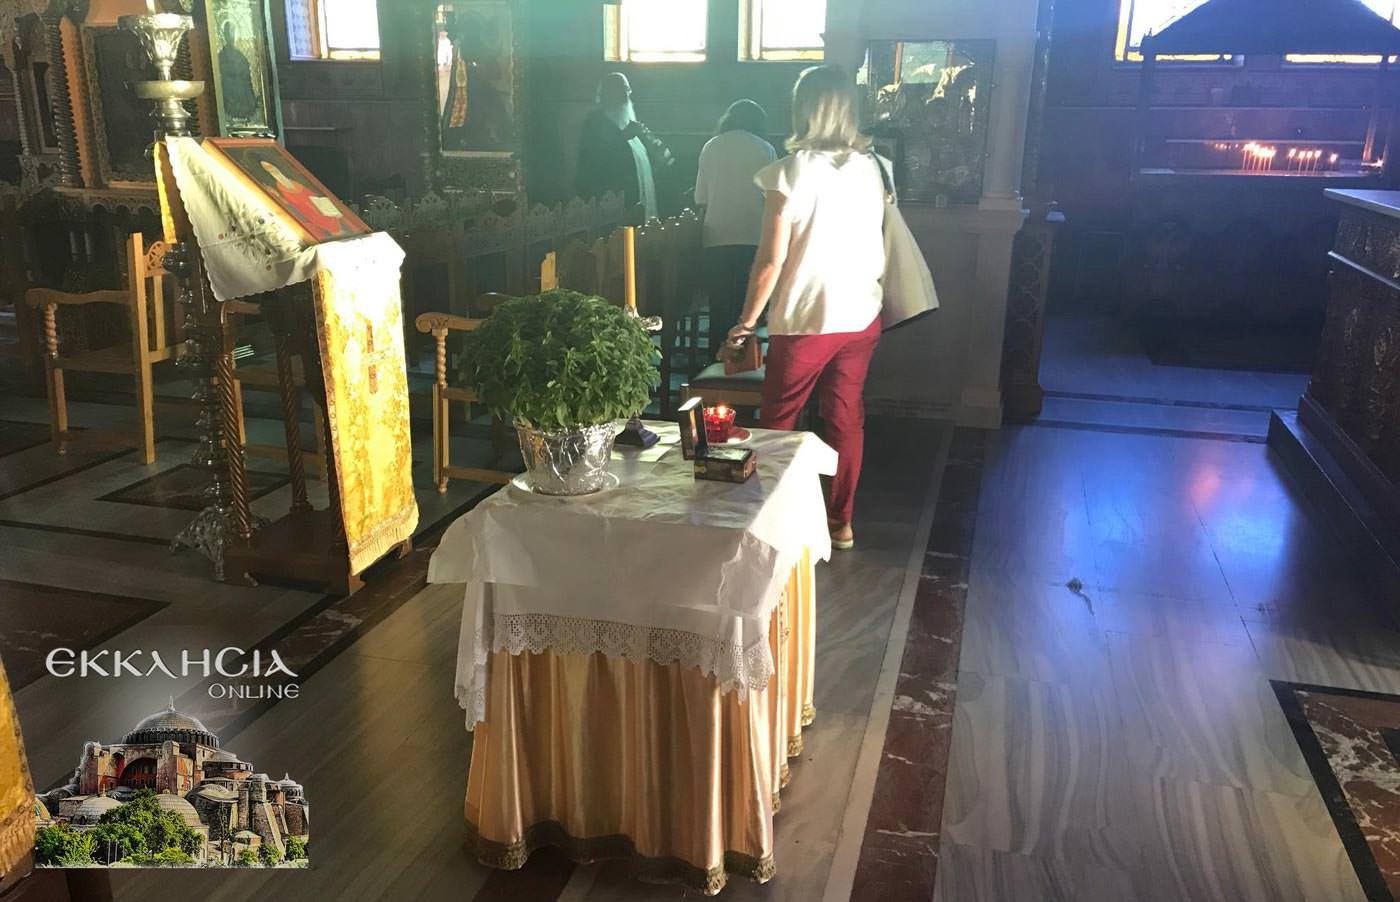 Άγιος Αμφιλόχιος Μακρής Ιερά Λείψανα 2019